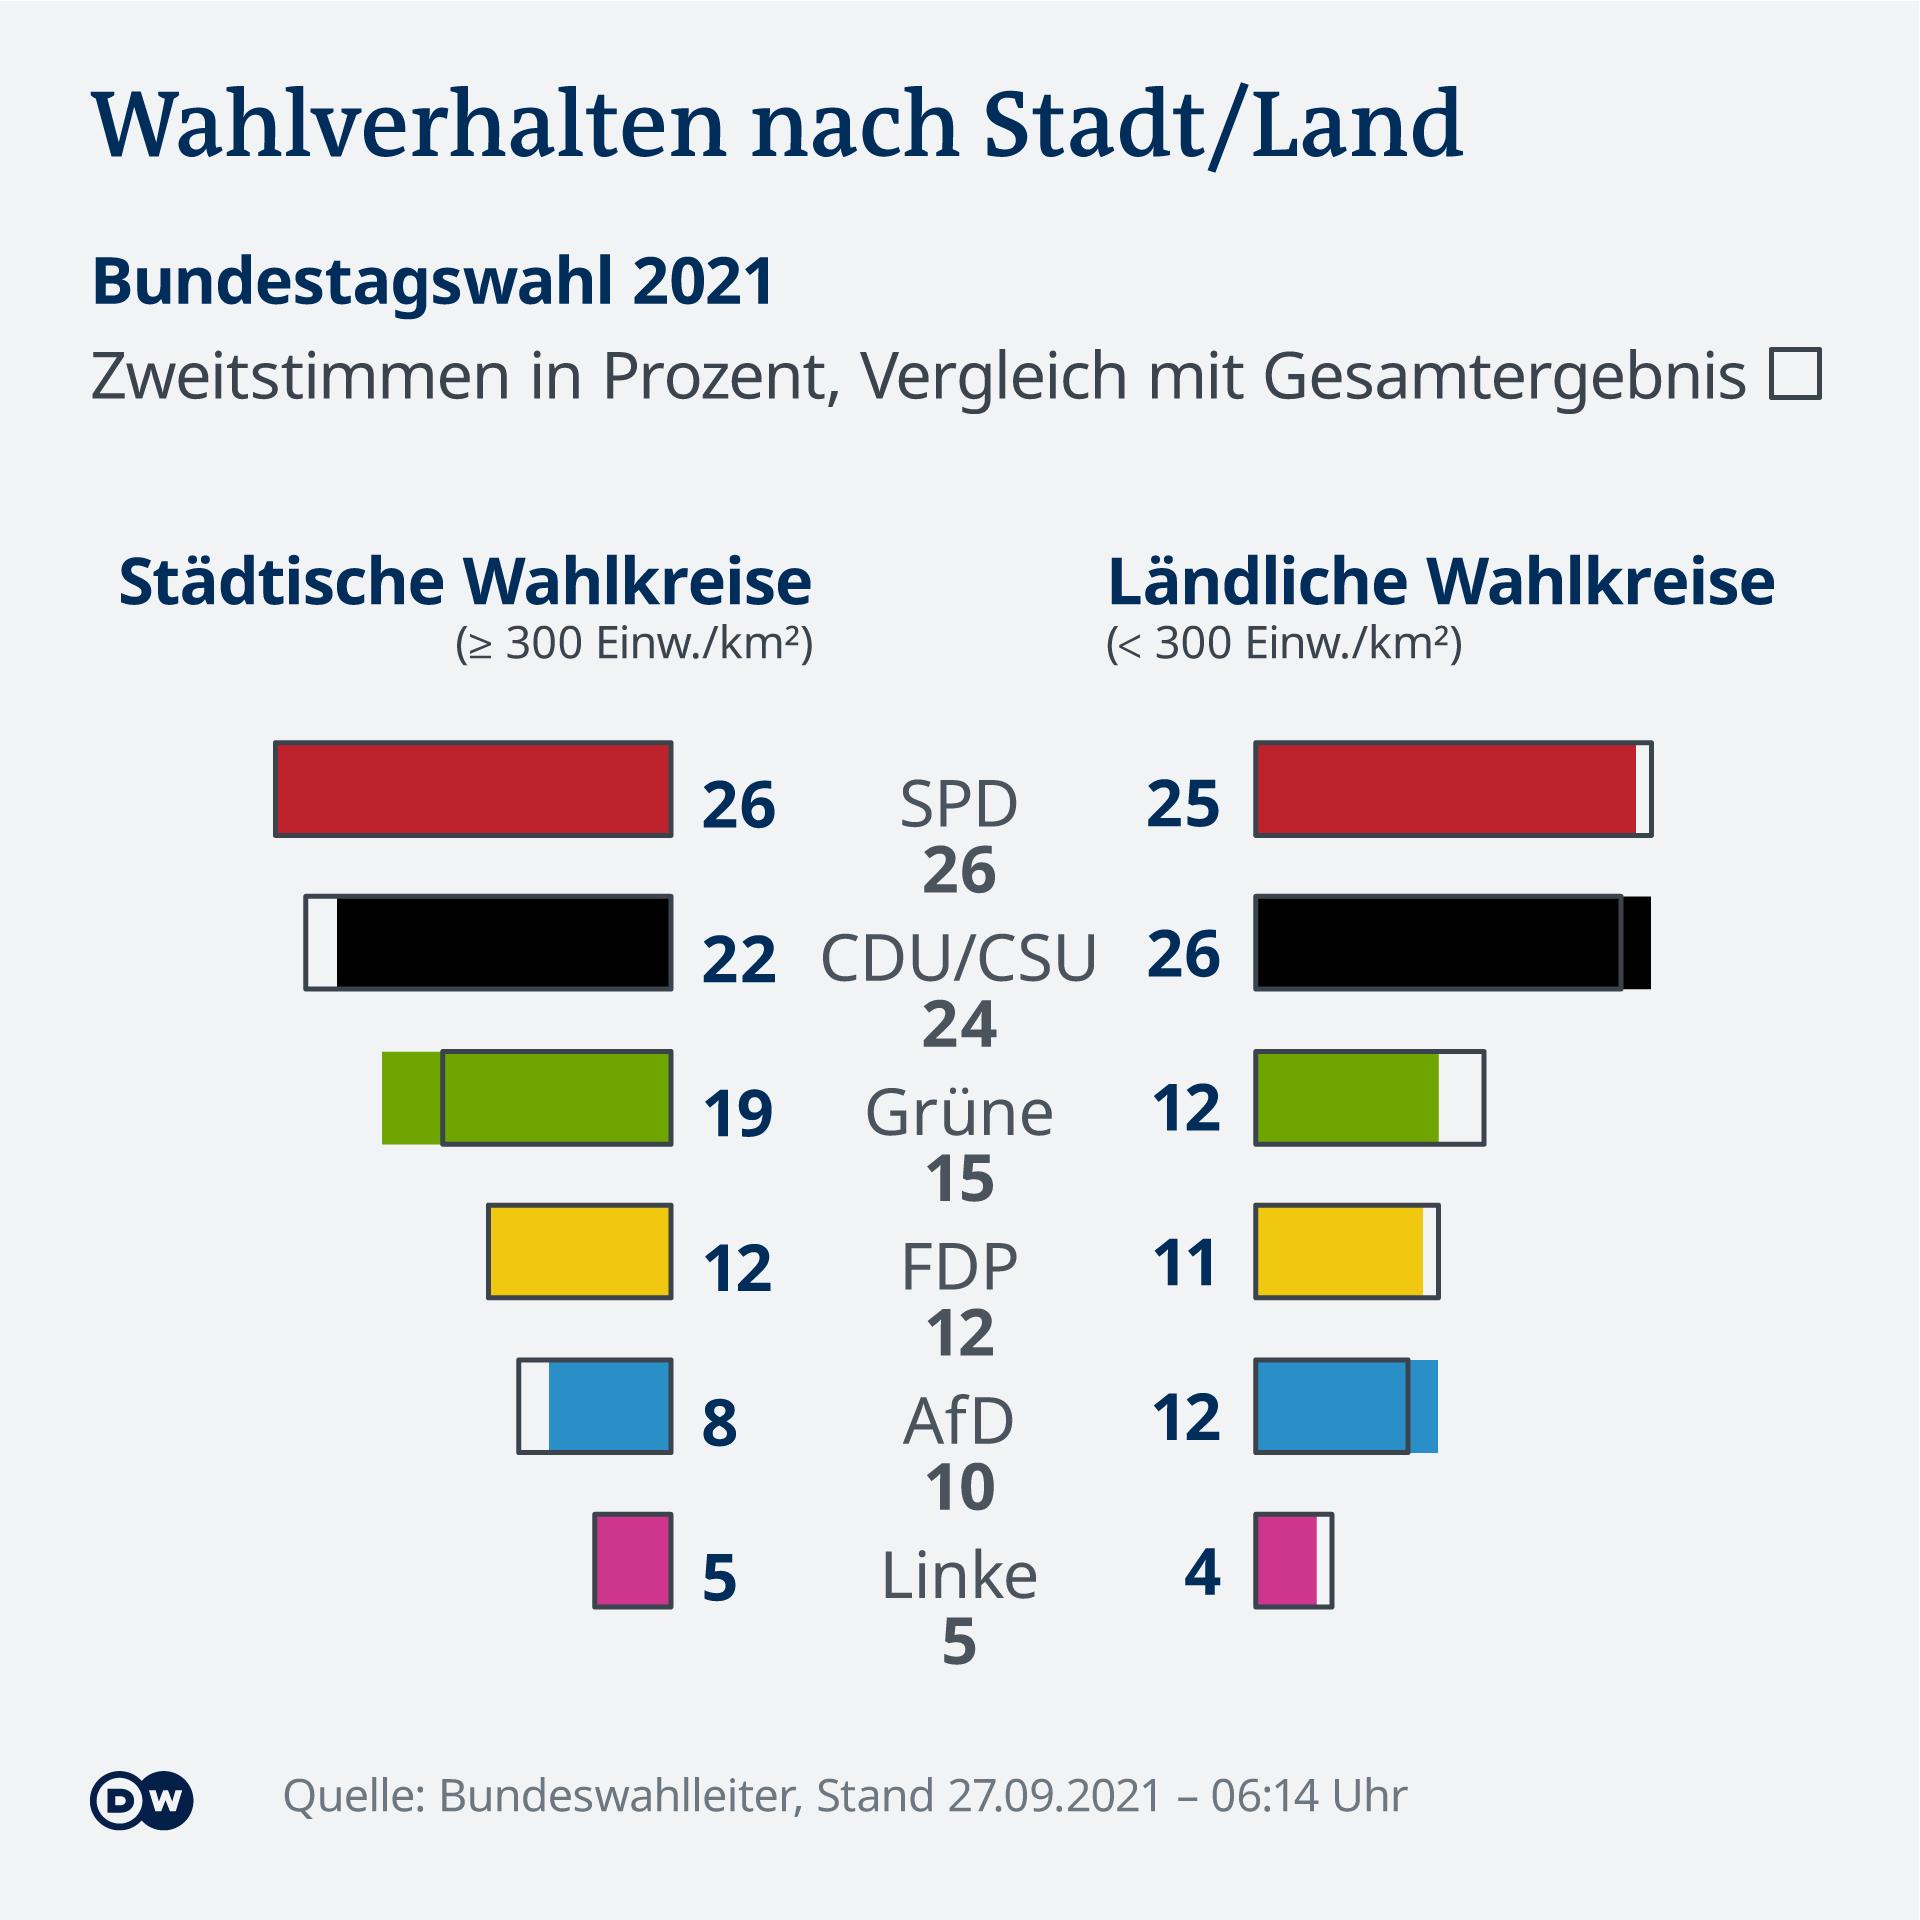 Datenvisualisierung Bundestagswahl 2021 DE Wahlergebnisse nach Stadt/Land